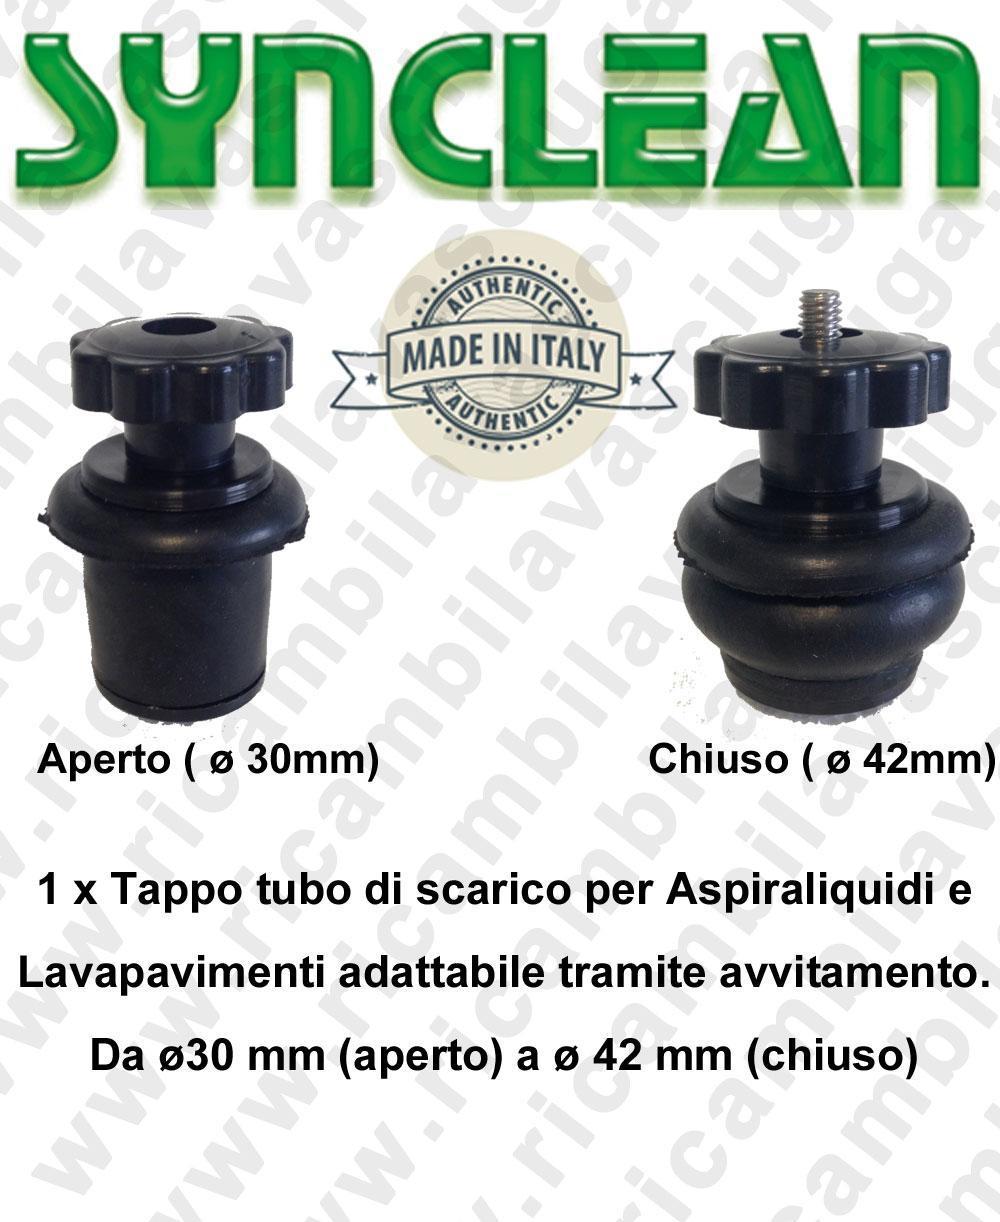 Tappo Tuyau di échappement pour aspirateur à eau et autolaveuses adattabile tramite avvitamento. Da diamétre 30 mm (aperto) a diamétre  42 mm (chiuso)